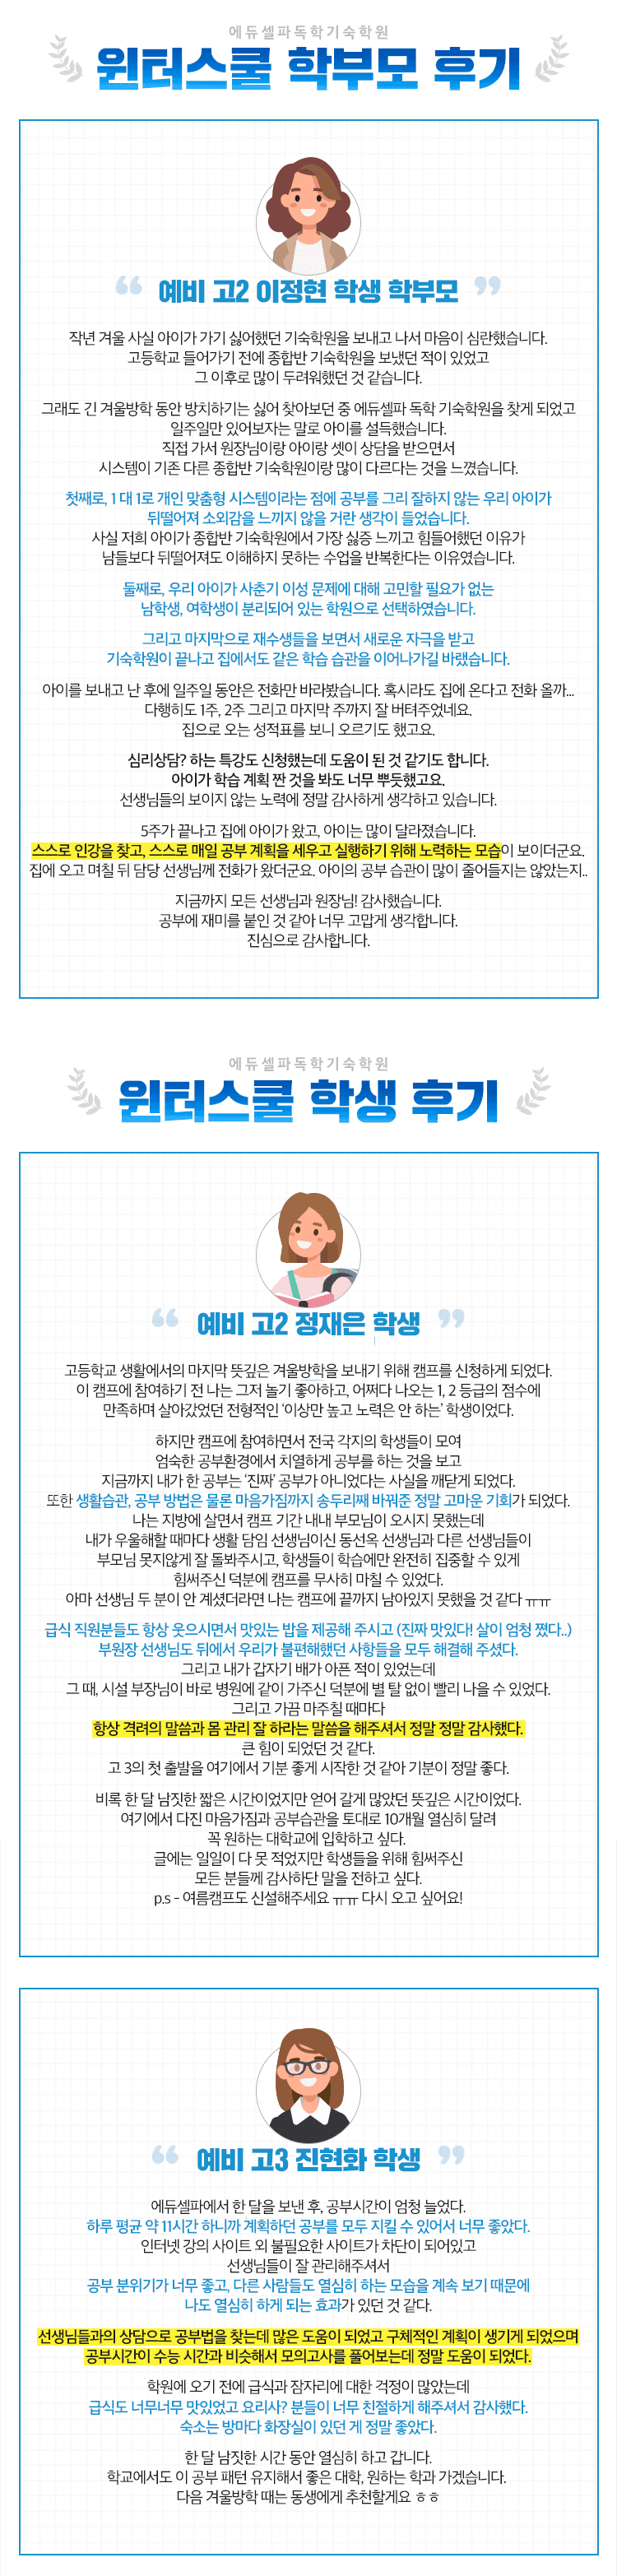 윈터스쿨 후기 모바일2